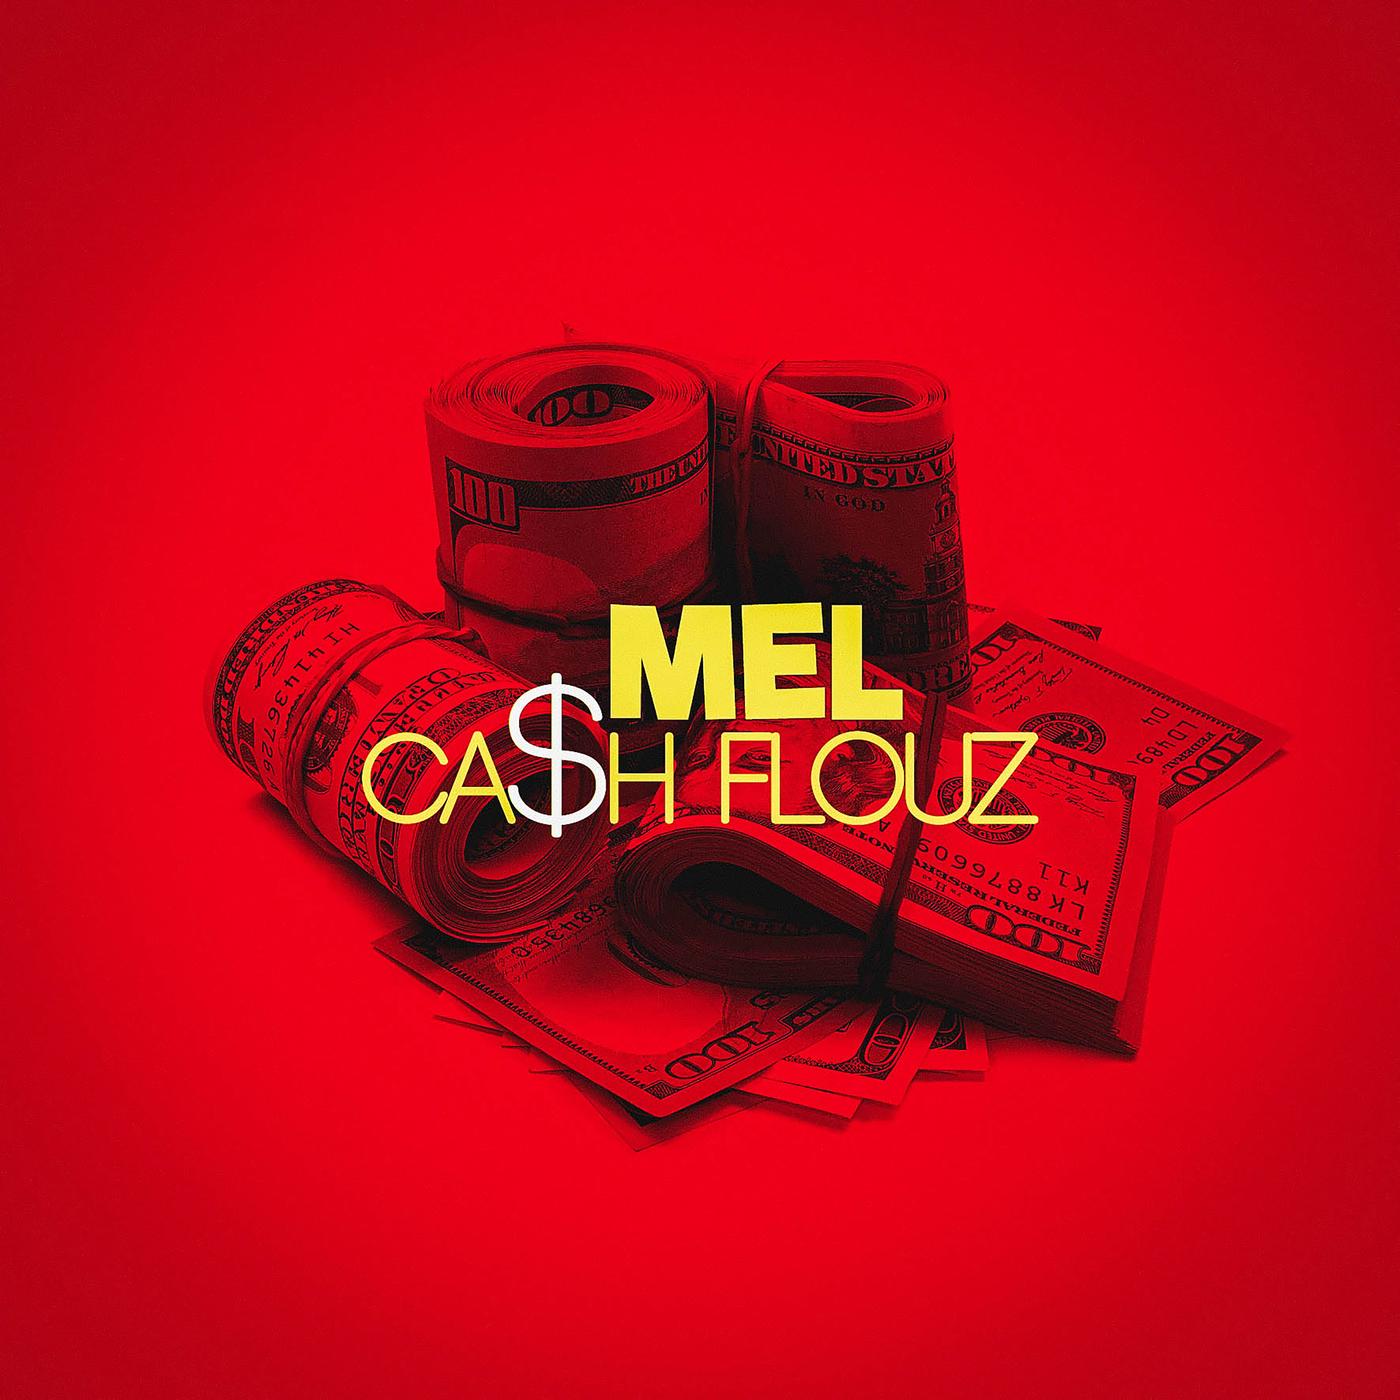 Ca$h Flouz - MEL